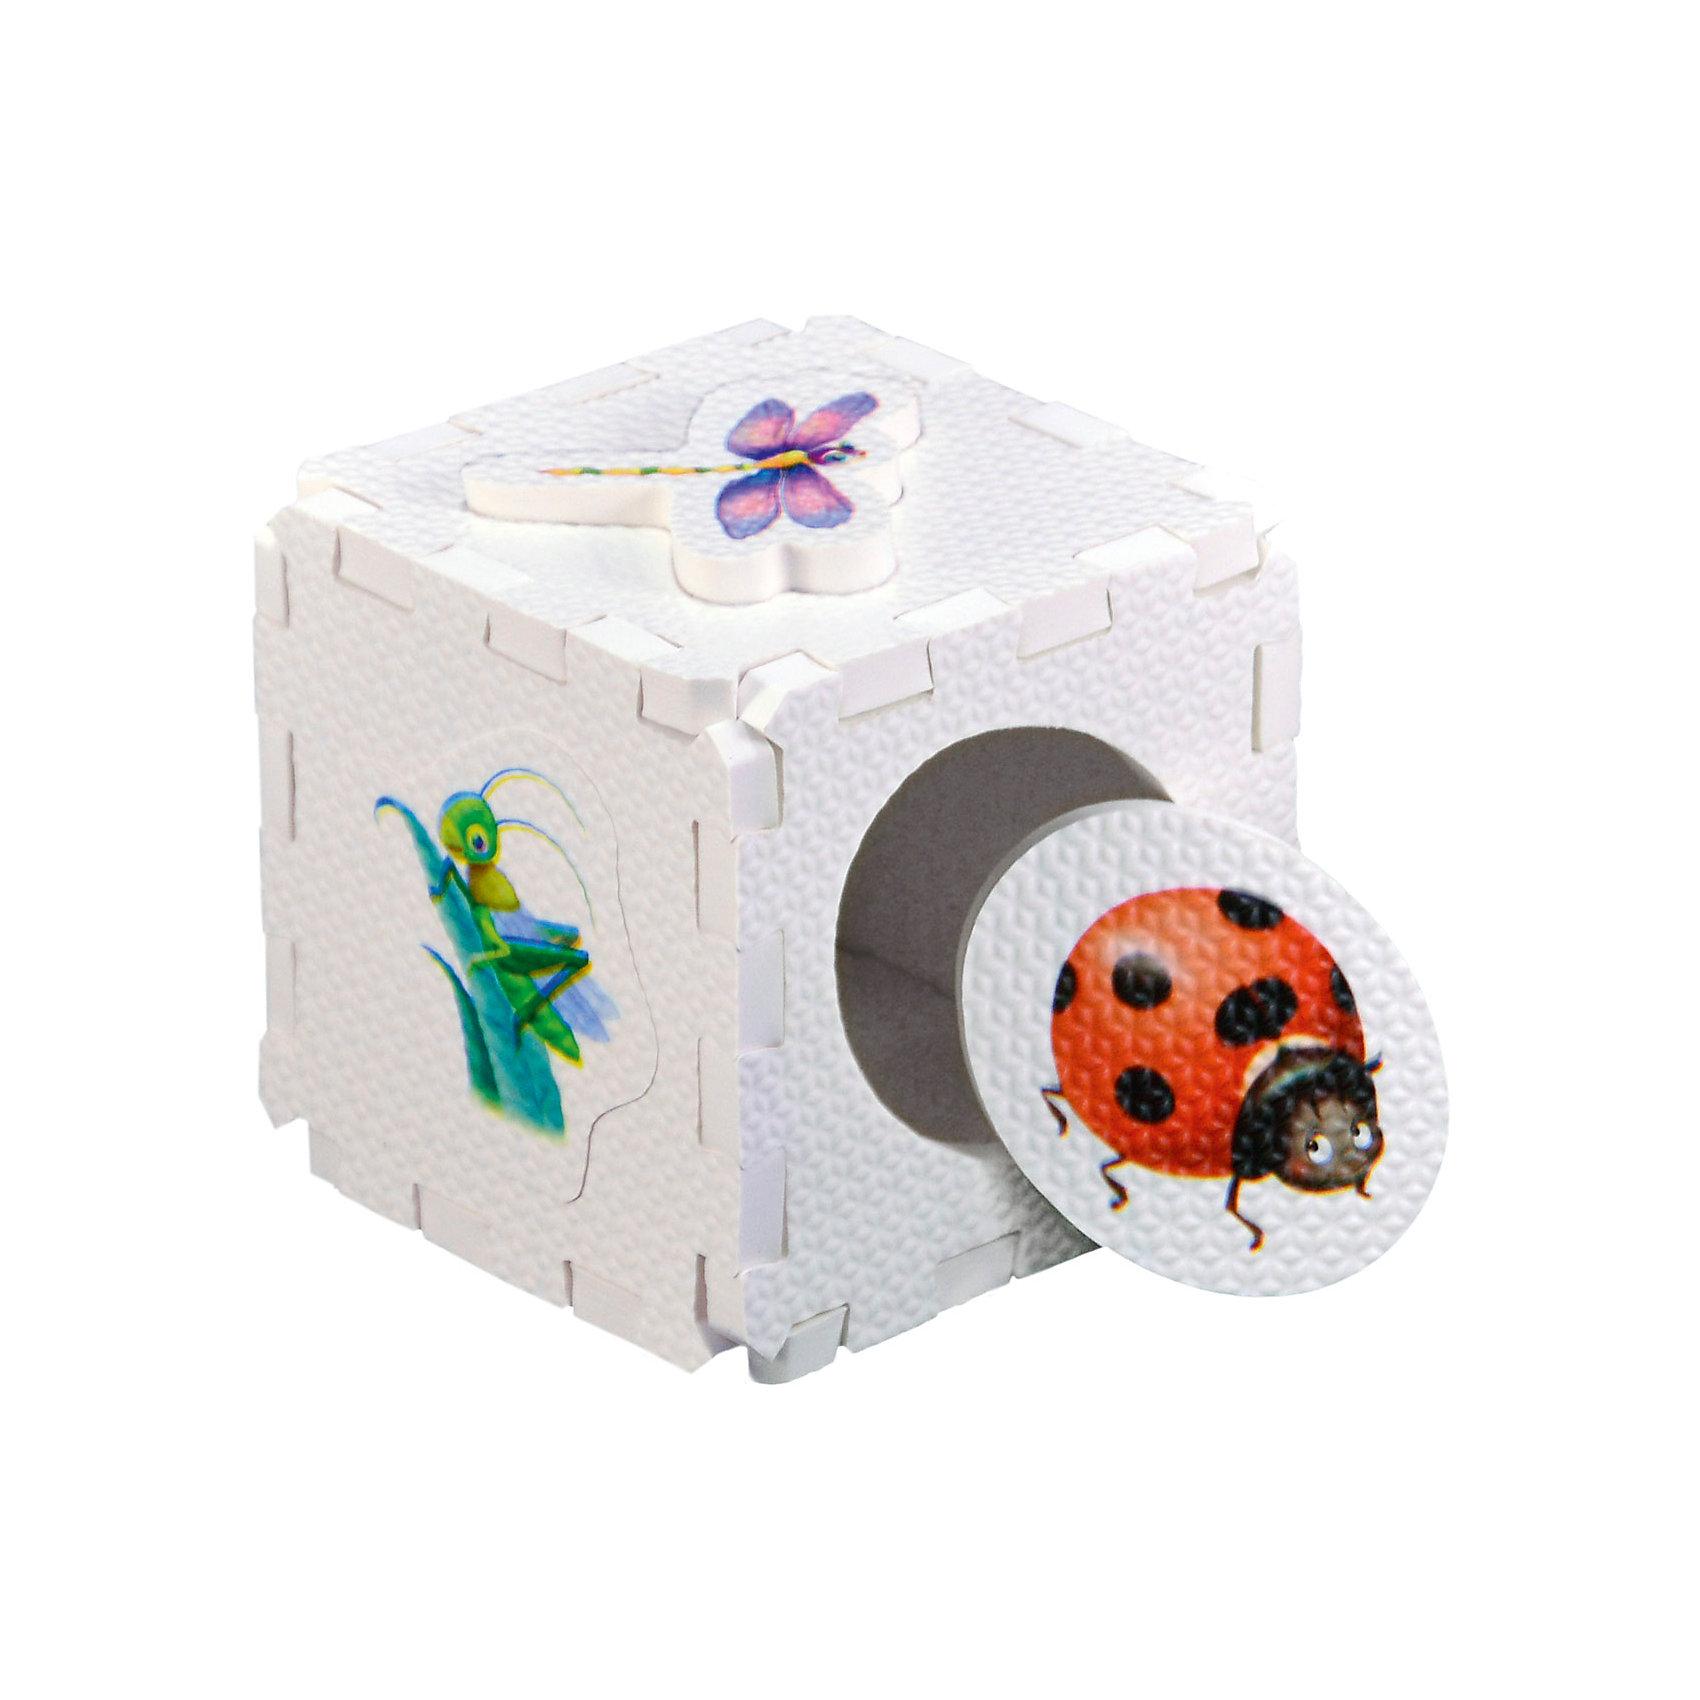 Кубик EVA - сортер НасекомыеНабор состоит из 6 больших деталей-пазлов, которые можно собрать в объёмный кубик. Собирая кубик и играя с его деталями, малыши тренируют мелкую моторику, развивают мышление, память, внимание, а также получают навыки творческого конструирования.<br>Детали-пазлы сделаны из экологически чистого и гипоаллергенного материала ЭВА (EVA), который не имеет цвета, запаха и вкуса, а значит, идеально подходит для первых развивающих игрушек и игр.<br>Особенности пазлов ЭВА открывают дополнительные возможности для различных игровых сюжетов:<br>- детали-пазлы можно грызть, мять, гнуть, сжимать и мочить, и при этом они не испортятся; <br>- с набором можно играть в воде, детали плавают и легко крепятся к кафелю и стенкам ванны; <br>- уникальная технология печати картинок на пазлах передаёт все оттенки цветов, и дети быстрее учатся узнавать нарисованные на них предметы в окружающем мире; <br>- набор идеально подходит для развития детской моторики, сенсорики, навыков конструирования; <br>- детали-пазлы из разных наборов подходят к друг другу, вы легко можете комбинировать разные наборы.<br><br>Дополнительная информация:<br><br>- Материал: ЭВА.<br>- Размер: 25,5х24 см. <br>- Толщина детали-пазла: 3 см. <br>- Комплектация: 6 деталей.<br>- Детали-пазлы подходят к другим наборам. <br>- Используются стойкие гипоаллергенный красители.<br>- Подходит для игр в воде. <br><br>Кубик EVA - сортер Насекомые можно купить в нашем магазине.<br><br>Ширина мм: 255<br>Глубина мм: 240<br>Высота мм: 10<br>Вес г: 72<br>Возраст от месяцев: 6<br>Возраст до месяцев: 36<br>Пол: Унисекс<br>Возраст: Детский<br>SKU: 4545584